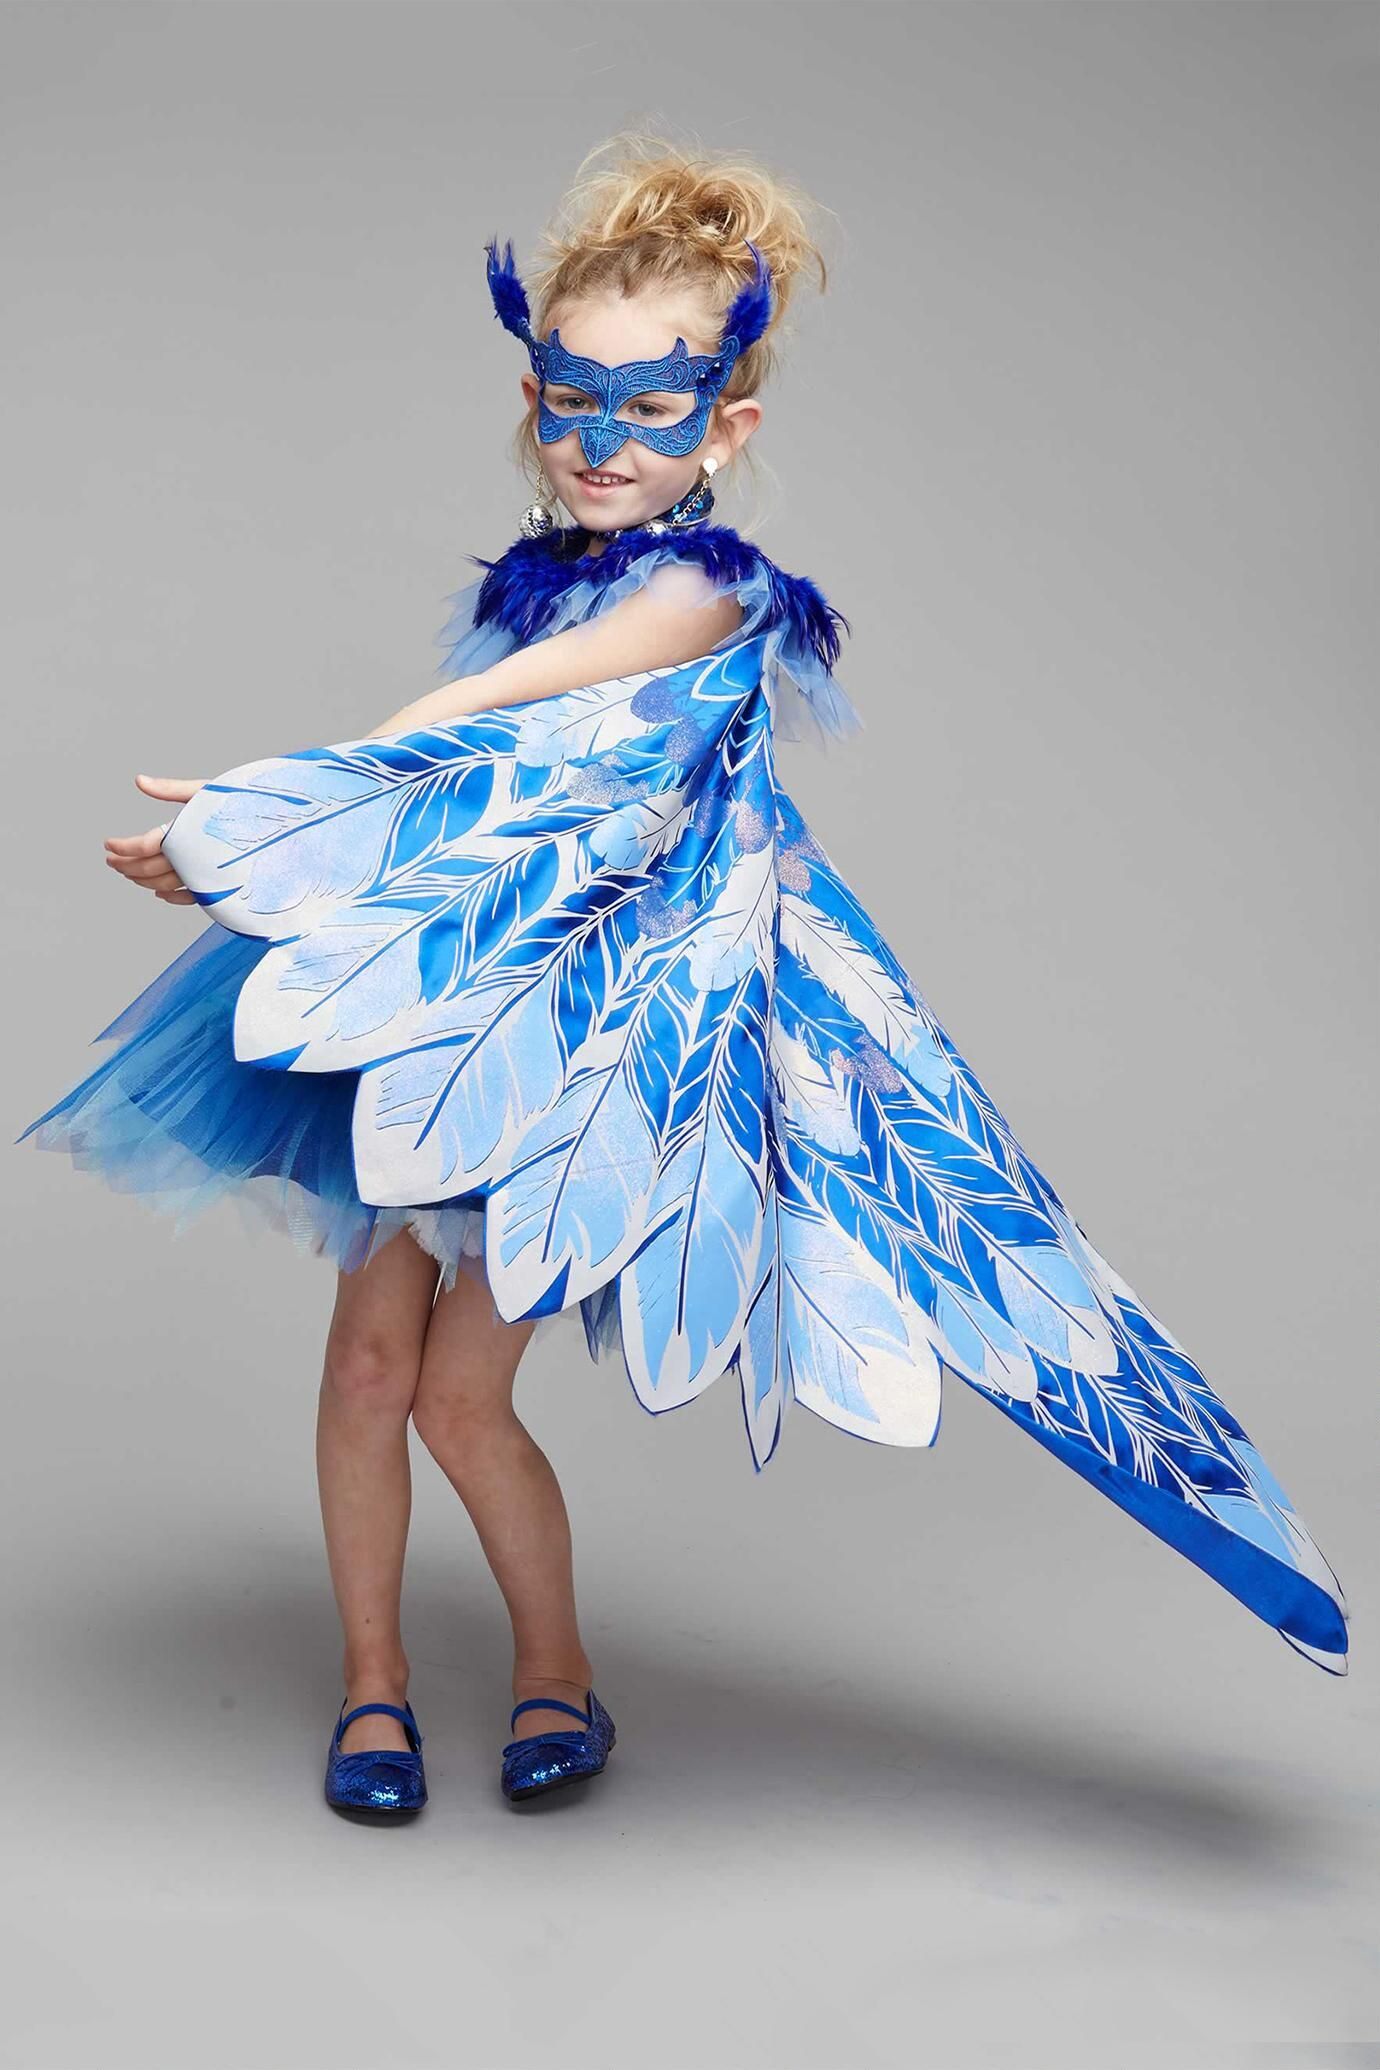 Pretty Bluebird Costume For Girls: #Chasingfireflies $92.00